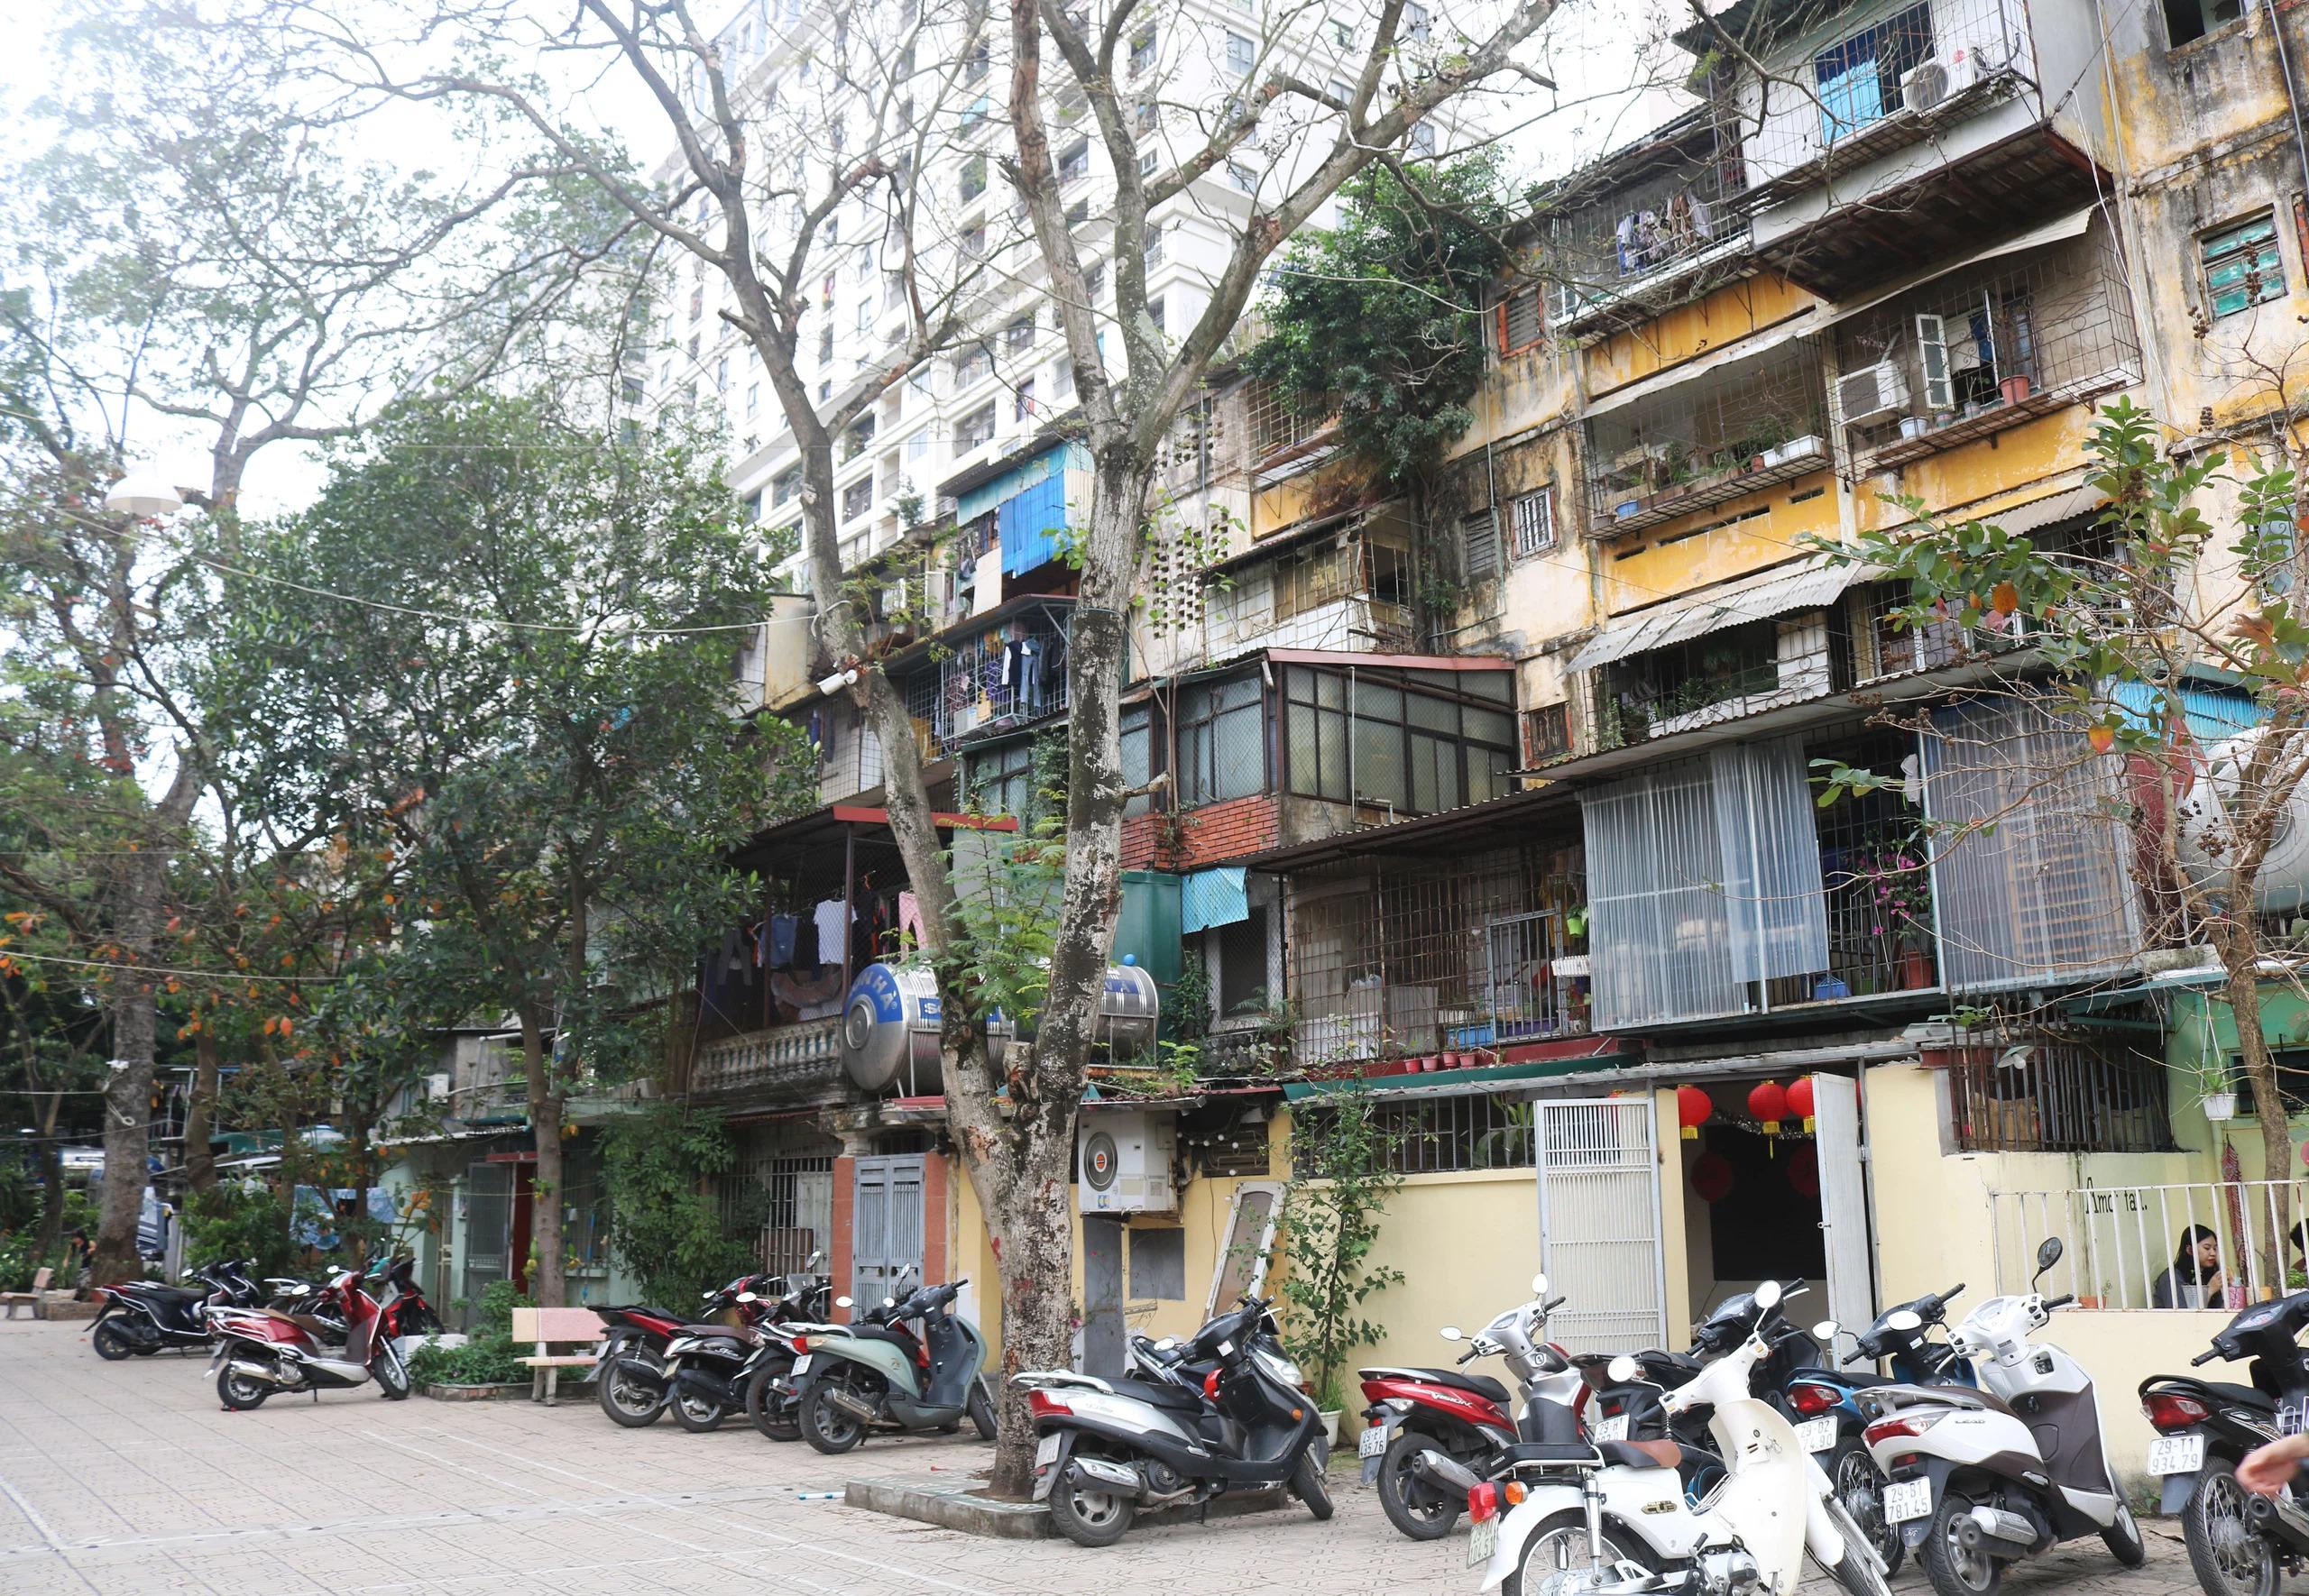 Hà Nội đồng ý dùng ngân sách để sớm cải tạo chung cư cũ - Ảnh 1.